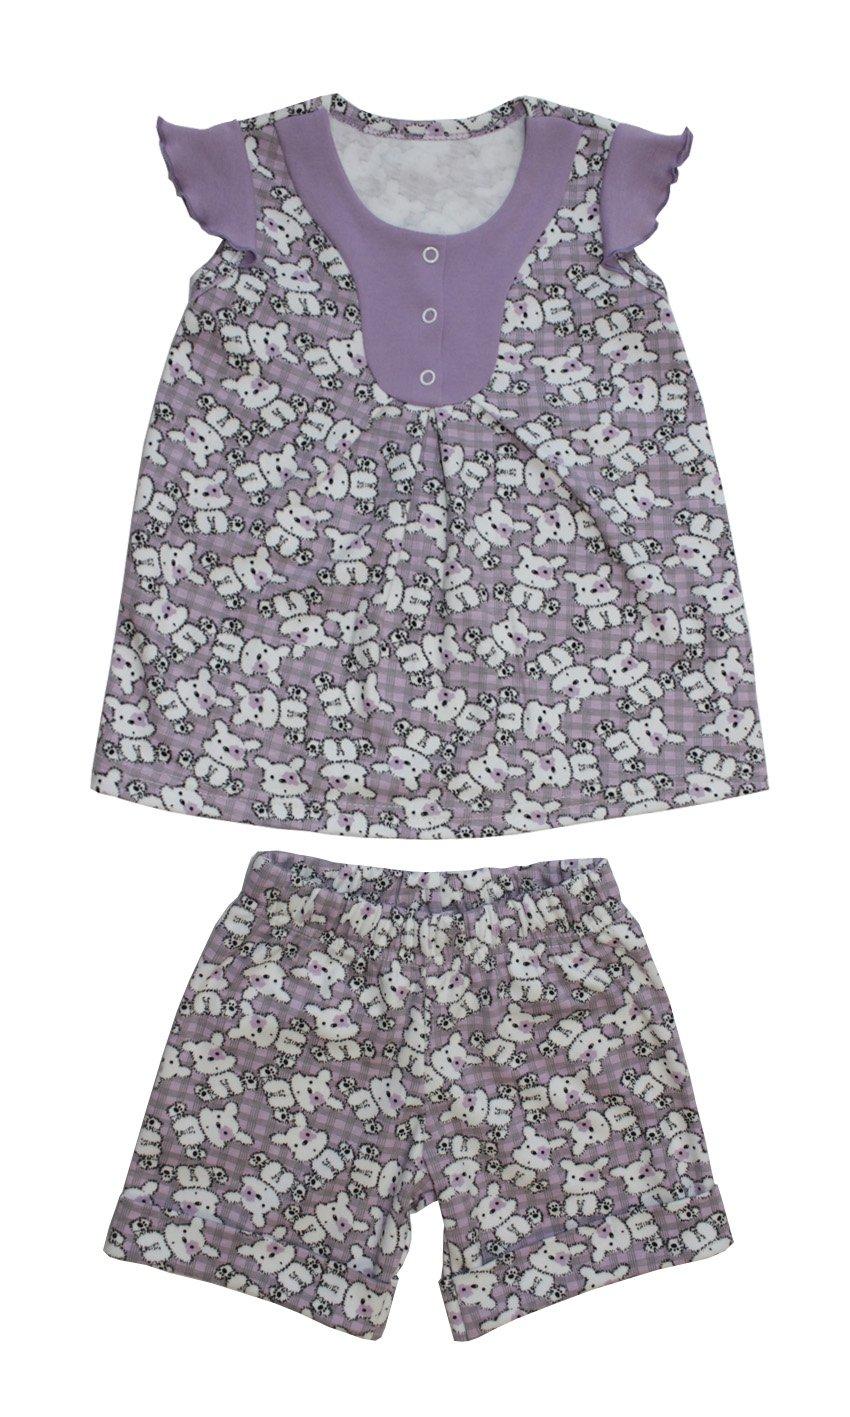 Пижама детская Лидочка для девочкиХалаты и пижамы<br><br><br>Размер: Рост 98 (размер 32)